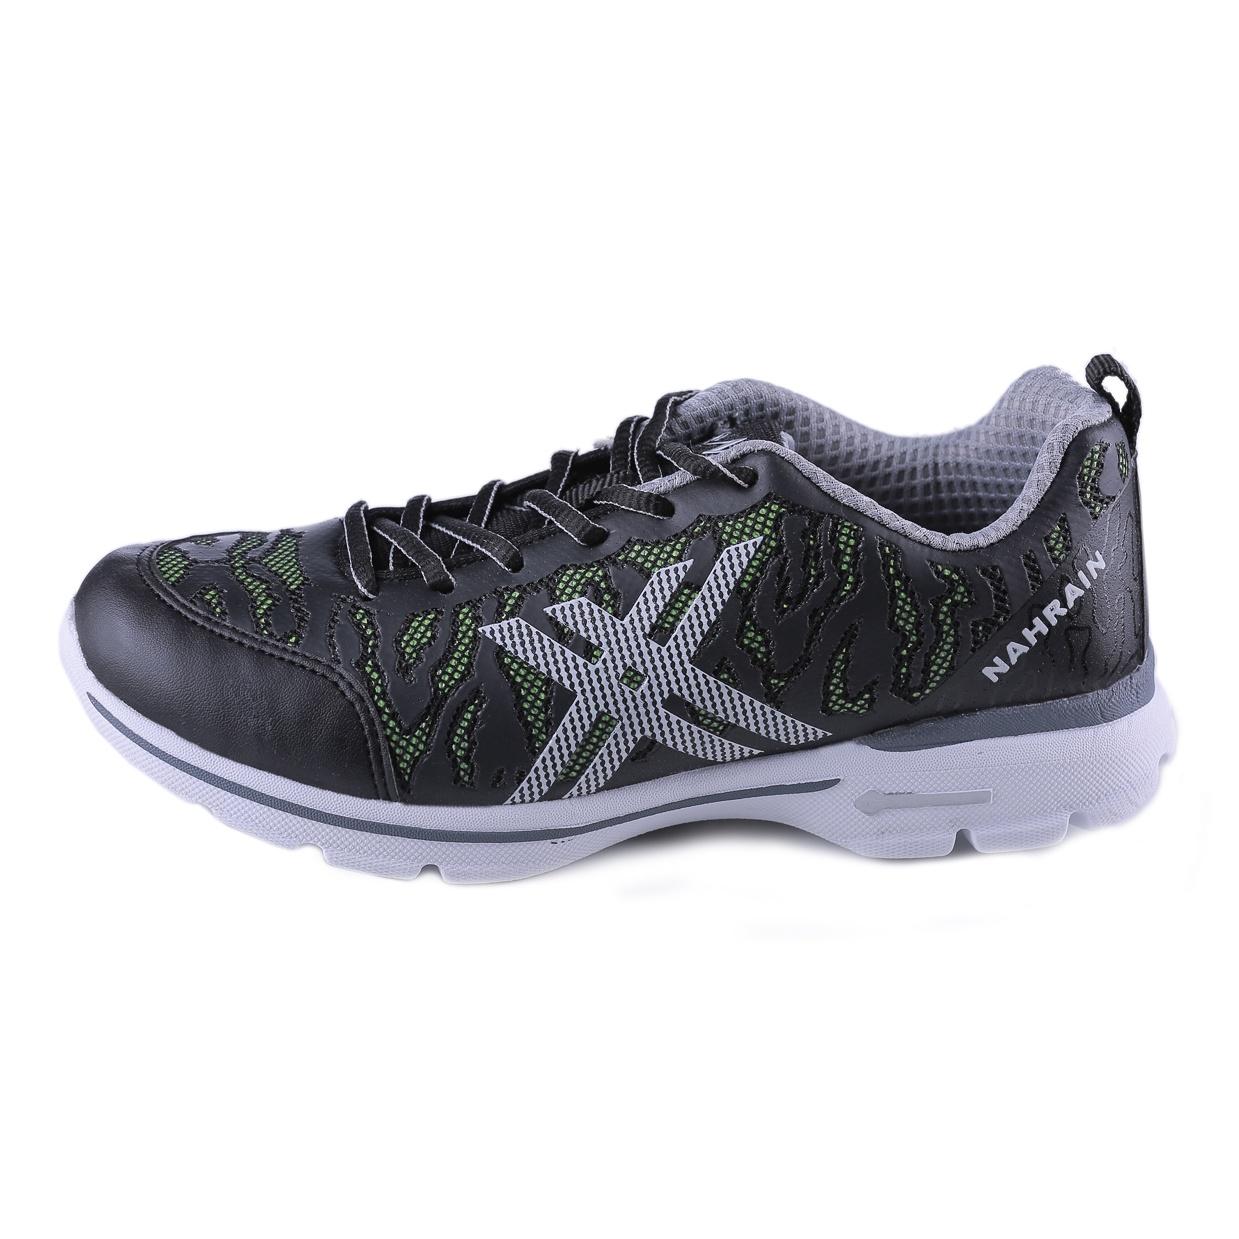 کفش زنانه نهرین مدل 2 ایکس 2